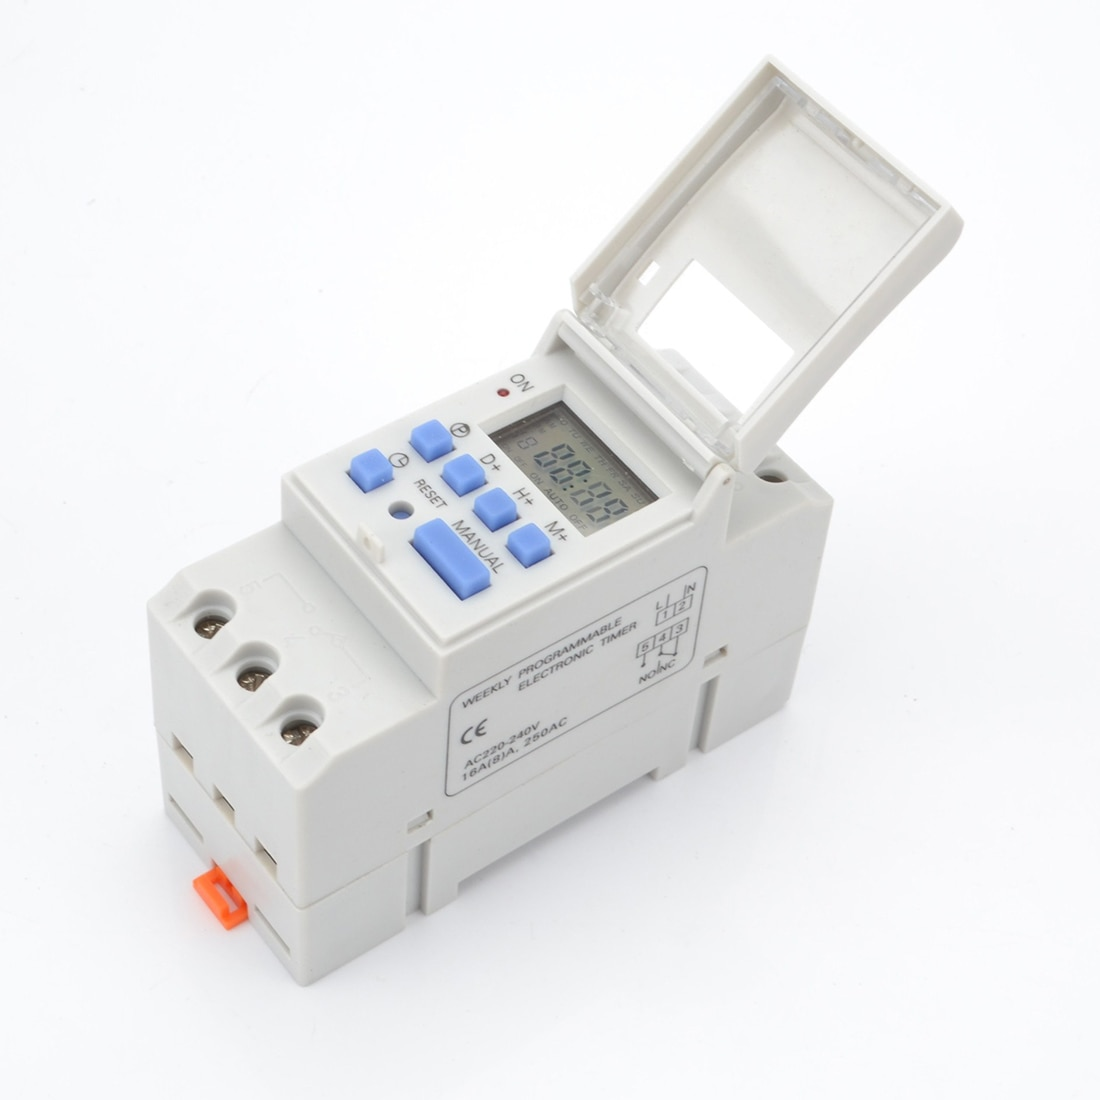 Temporizador Digital programable de 7 días con Control de relé 220V 230V 6A 10A 16A 20A 25A 30A semanal electrónico